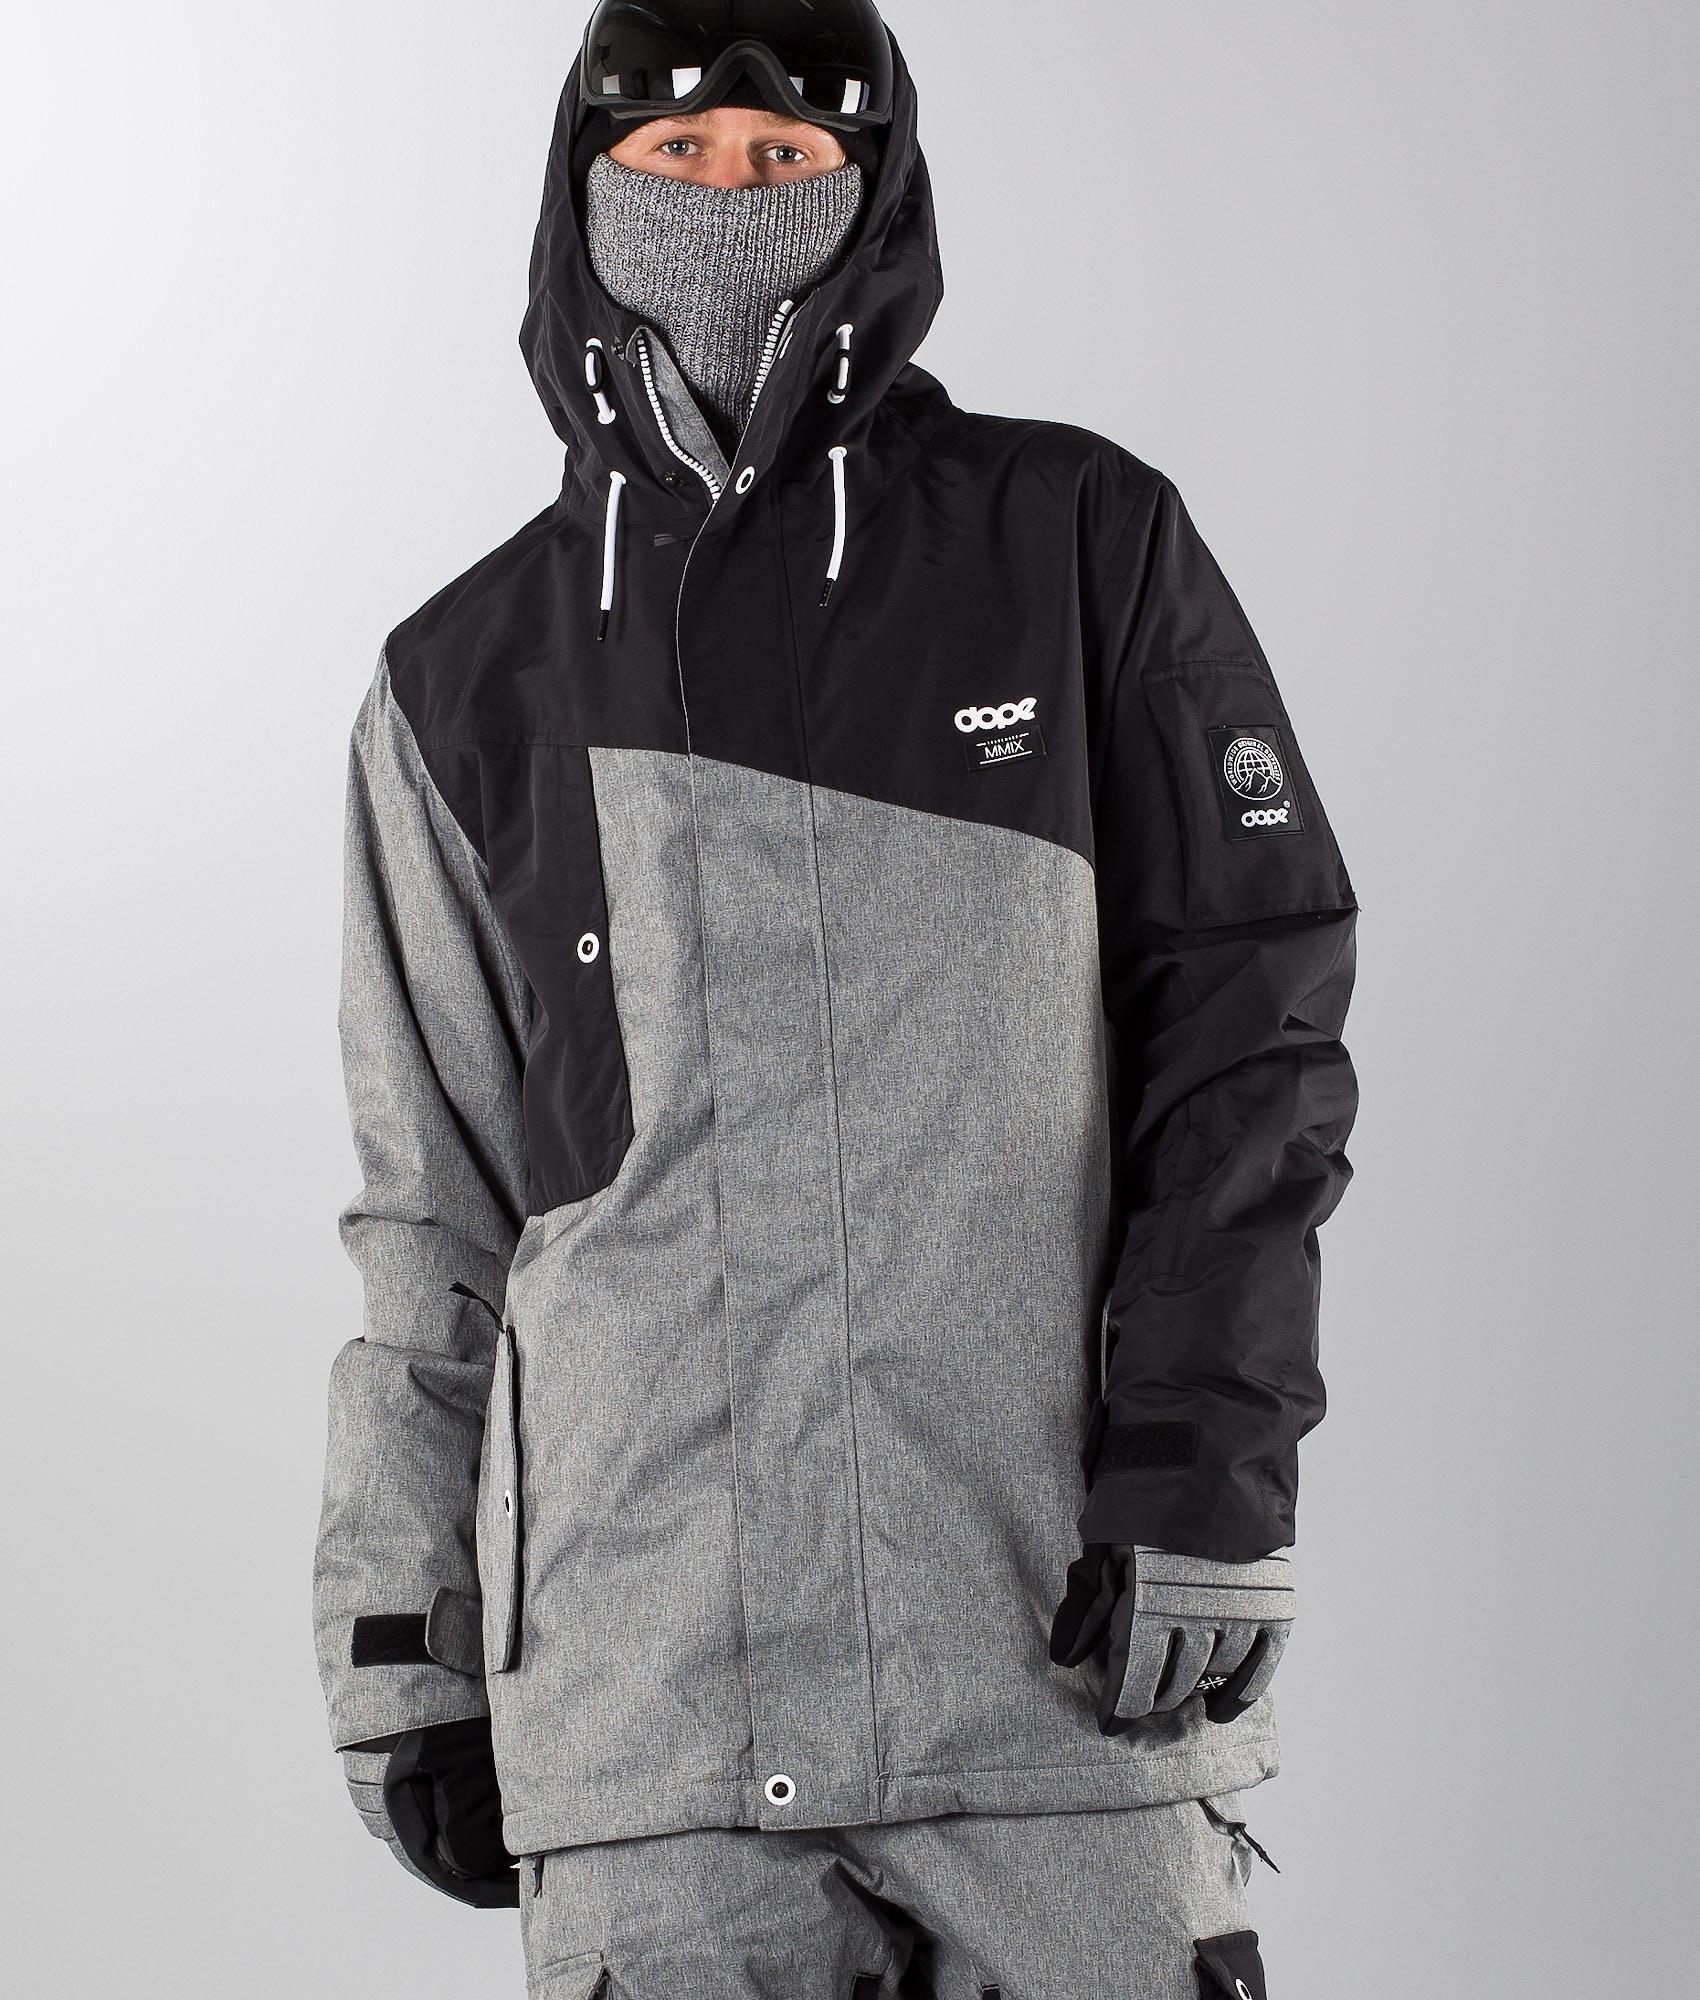 c099f47148 Skijacken Herren Online Kaufen